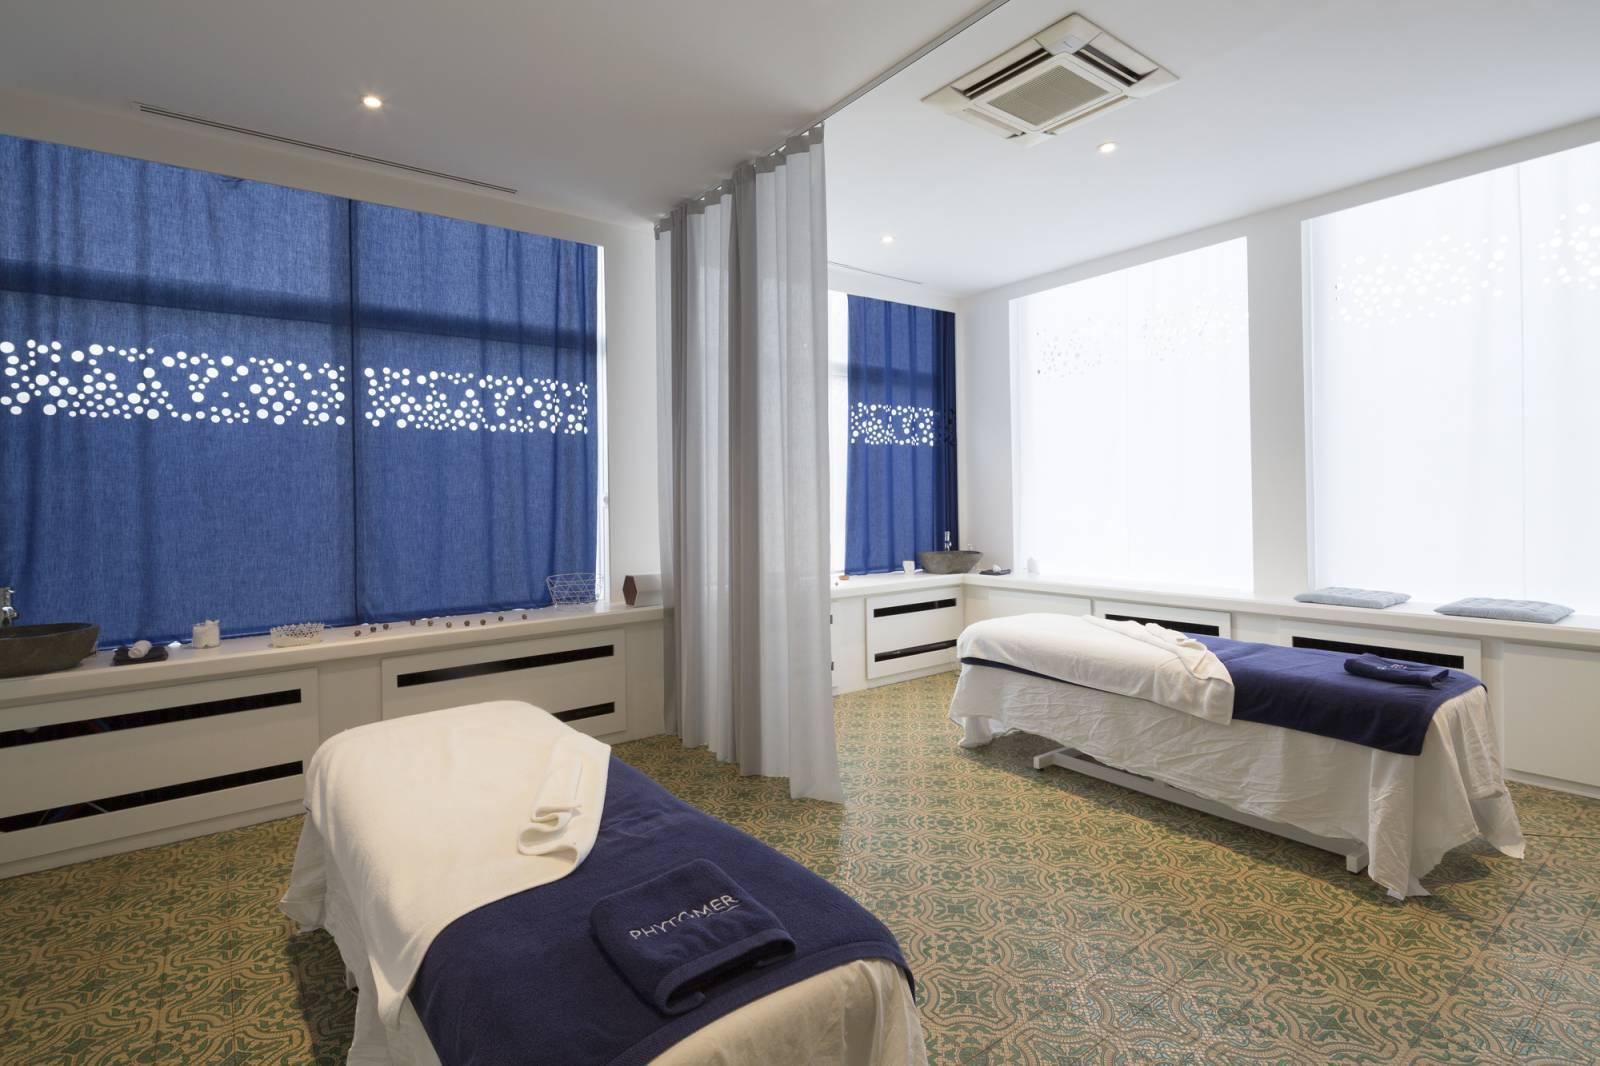 Flat curtains : Spa Bla